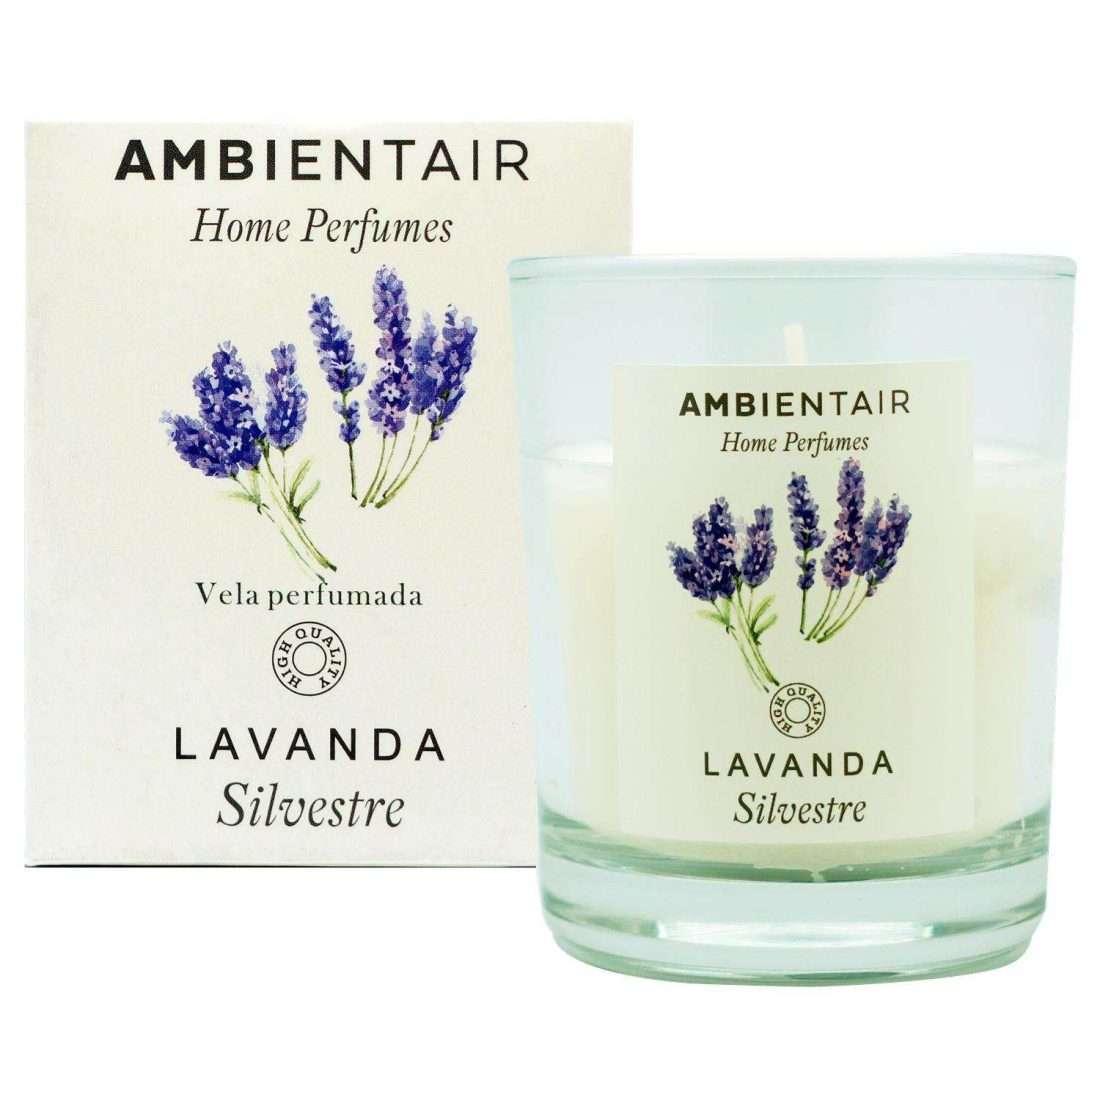 8435474410734 Vela 30 H Home Perfume Lv Estuche Y Vaso 2